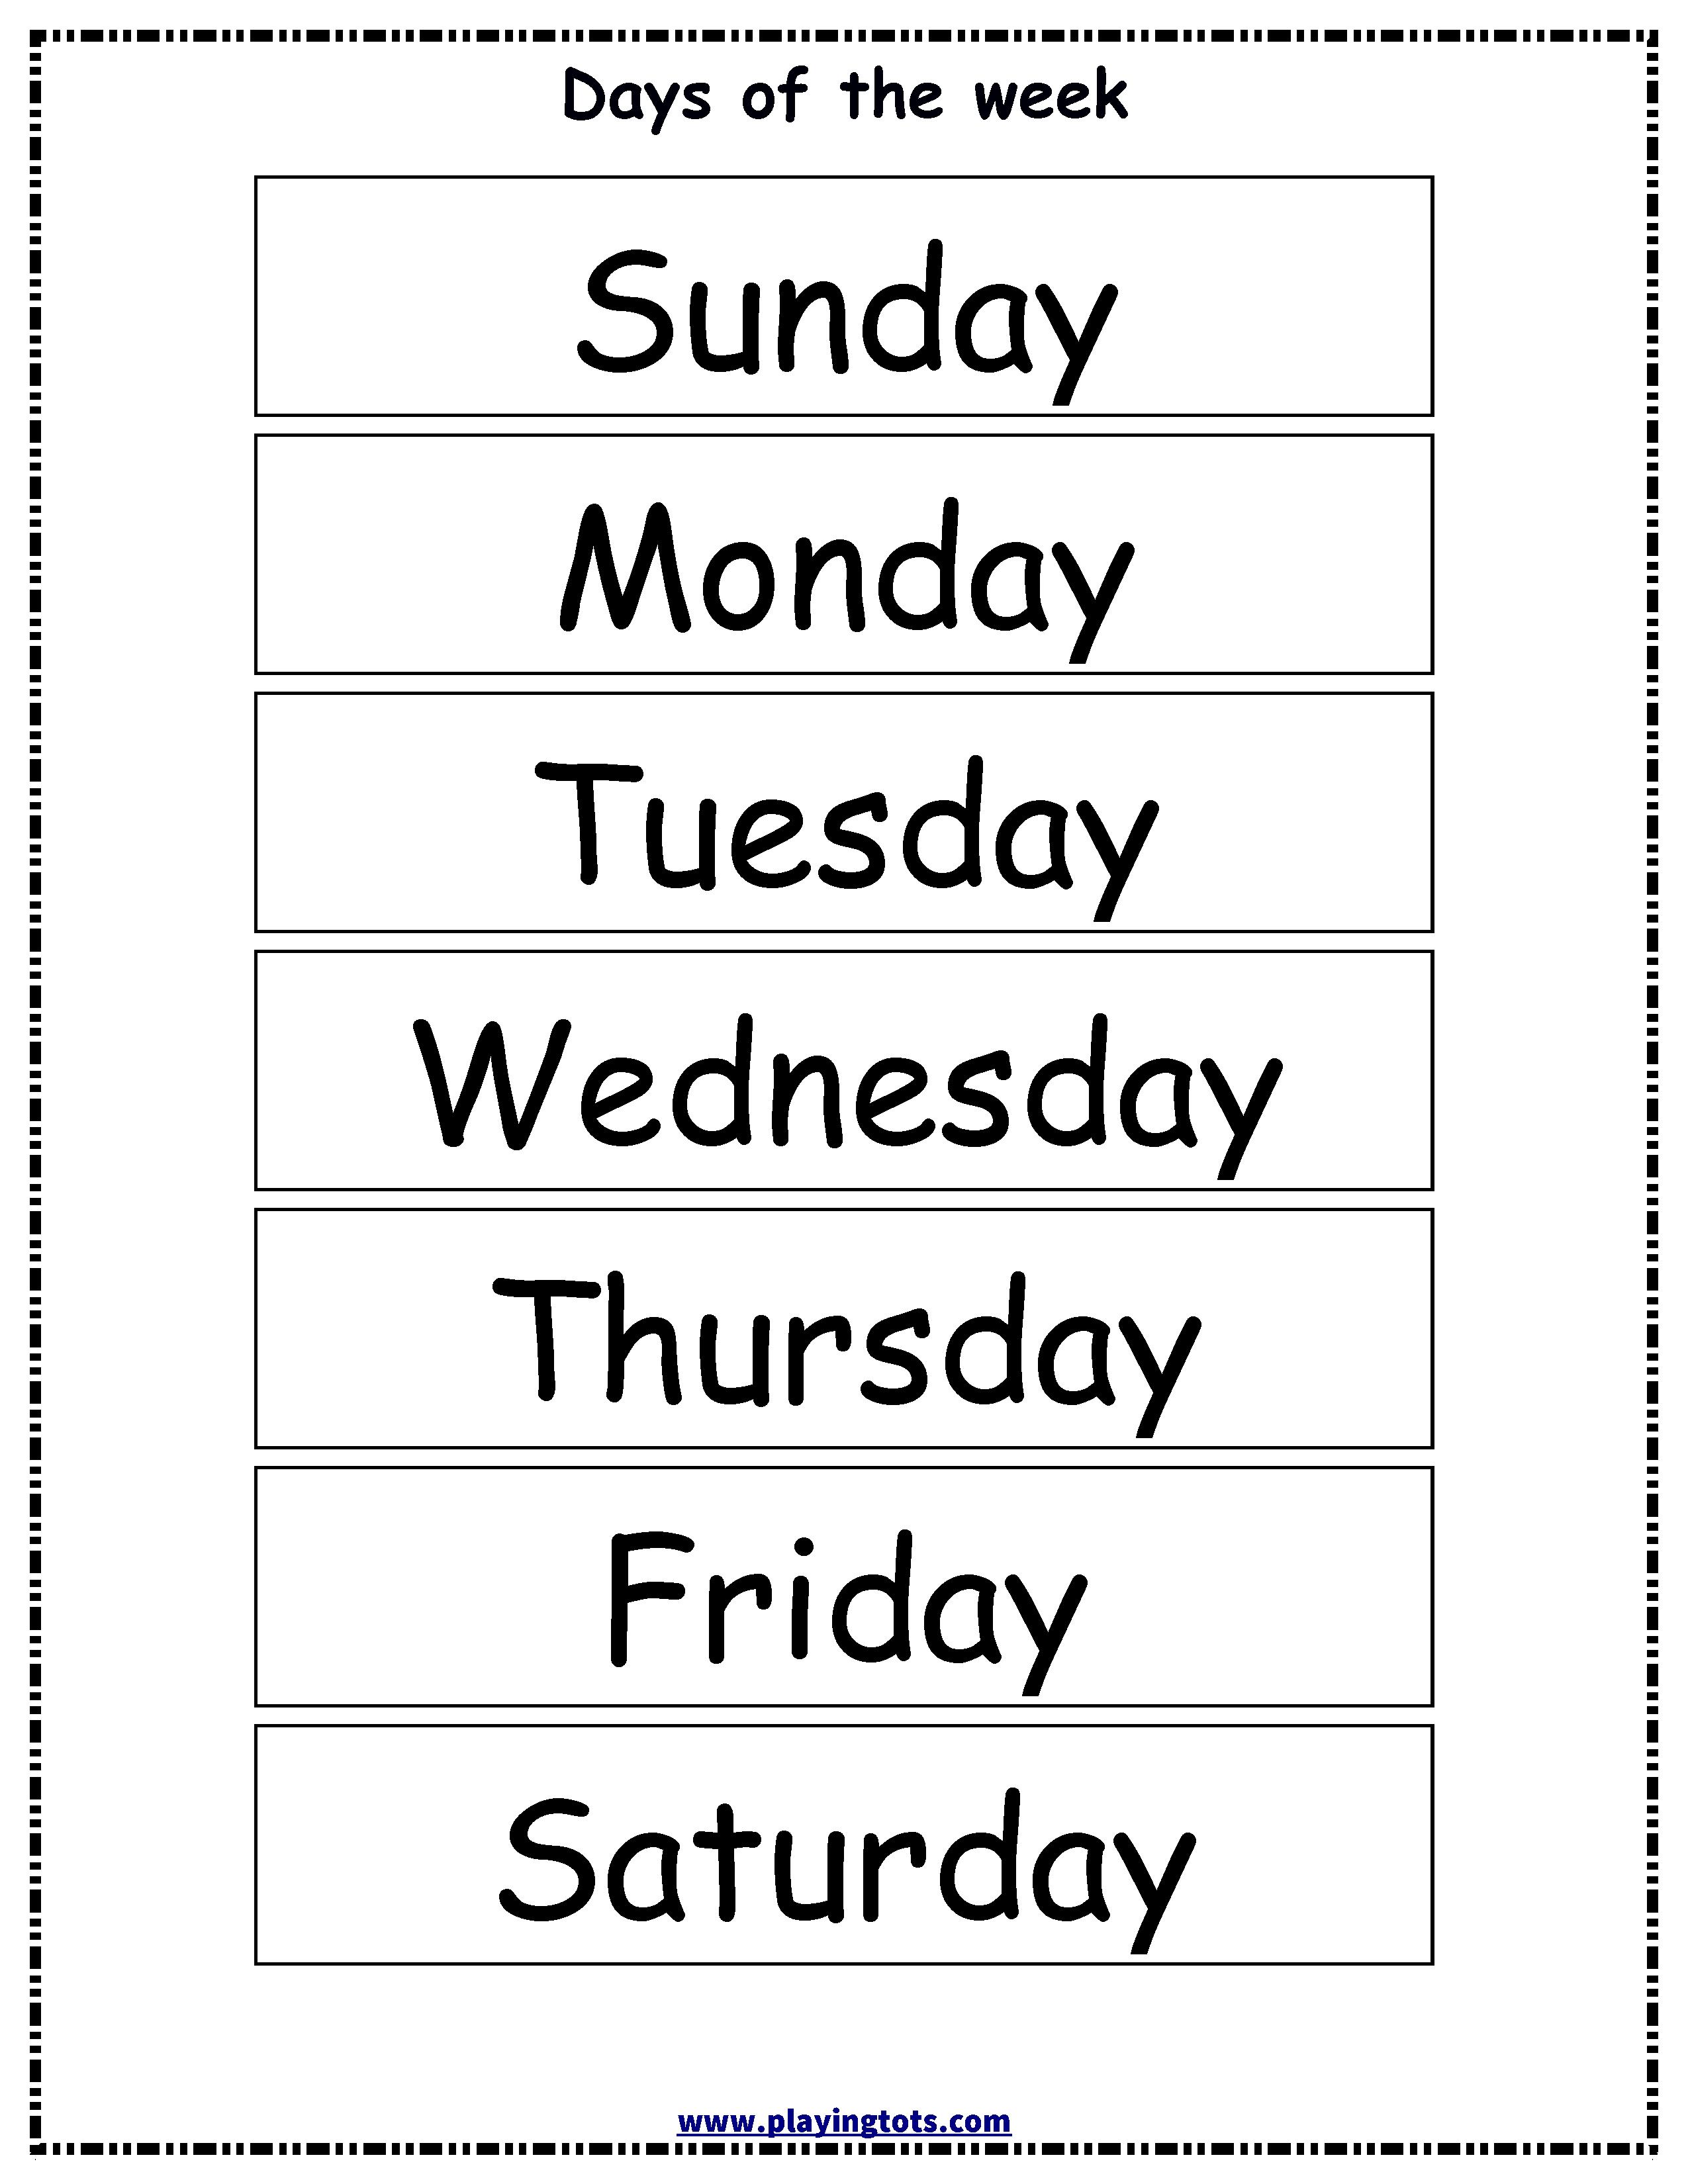 Dashing image pertaining to printable days of the week